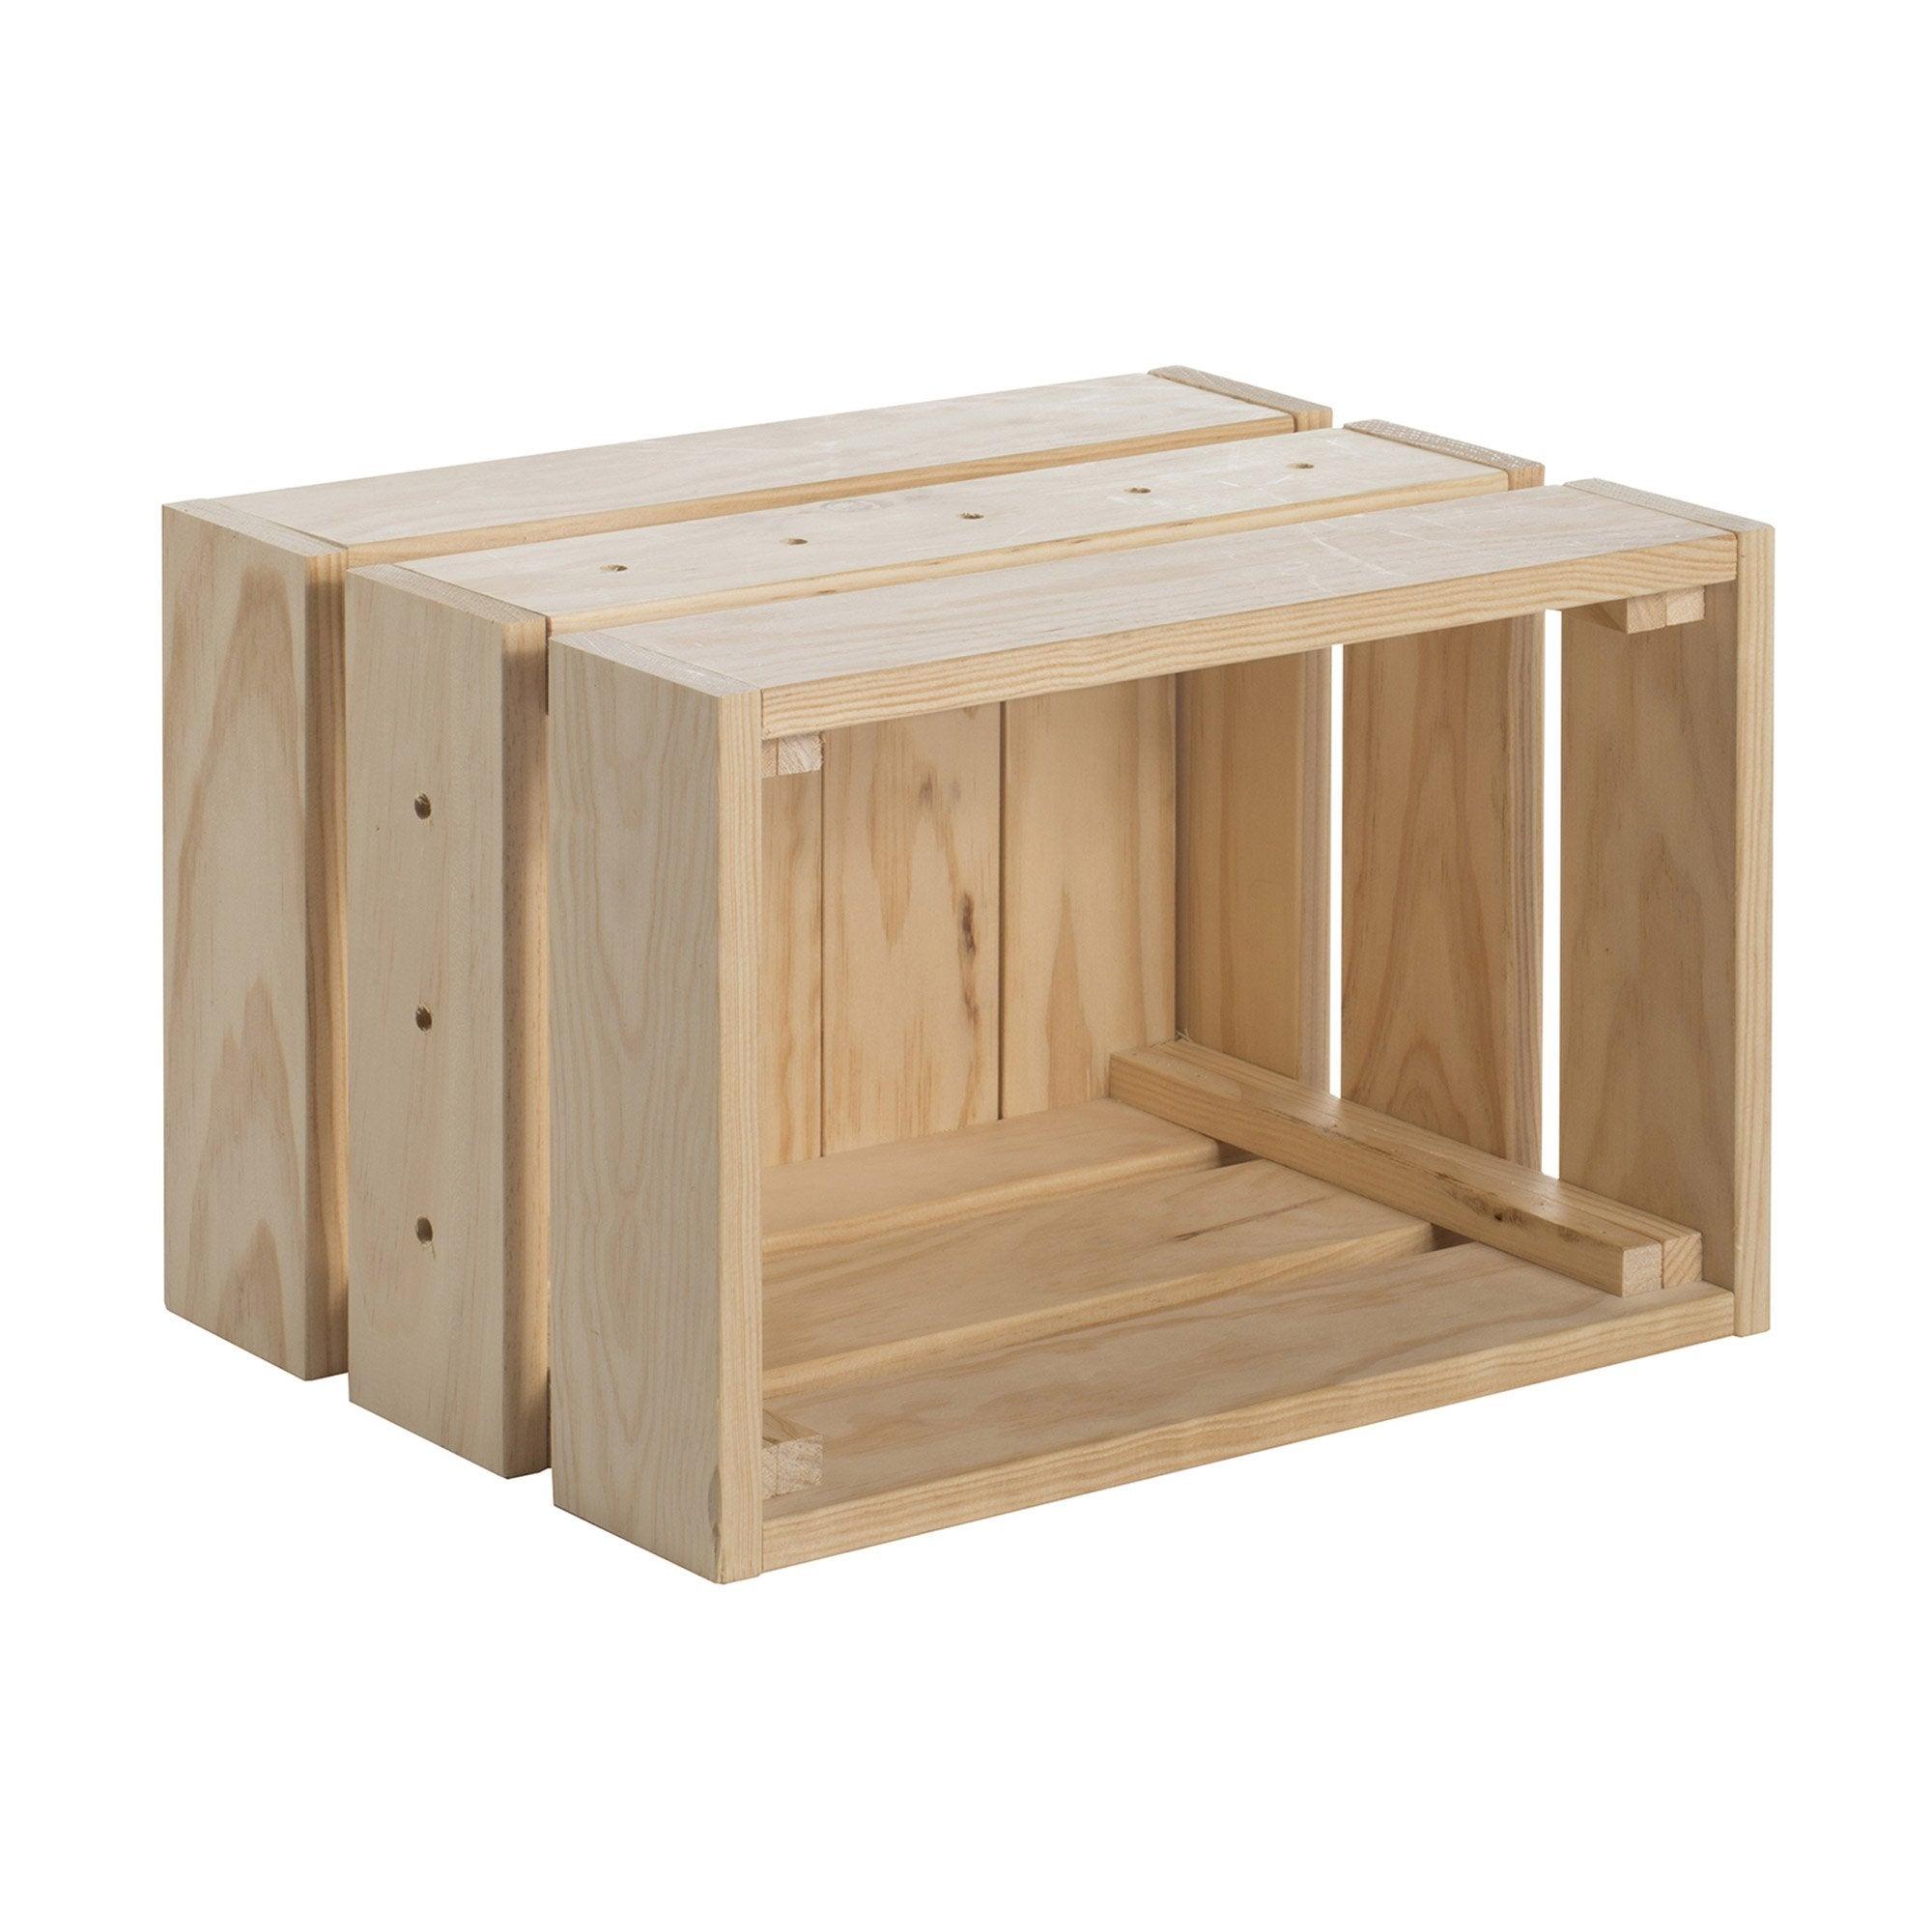 Caisse à monter Home box pin , l.38.4 x P.25.6 x H.28 cm